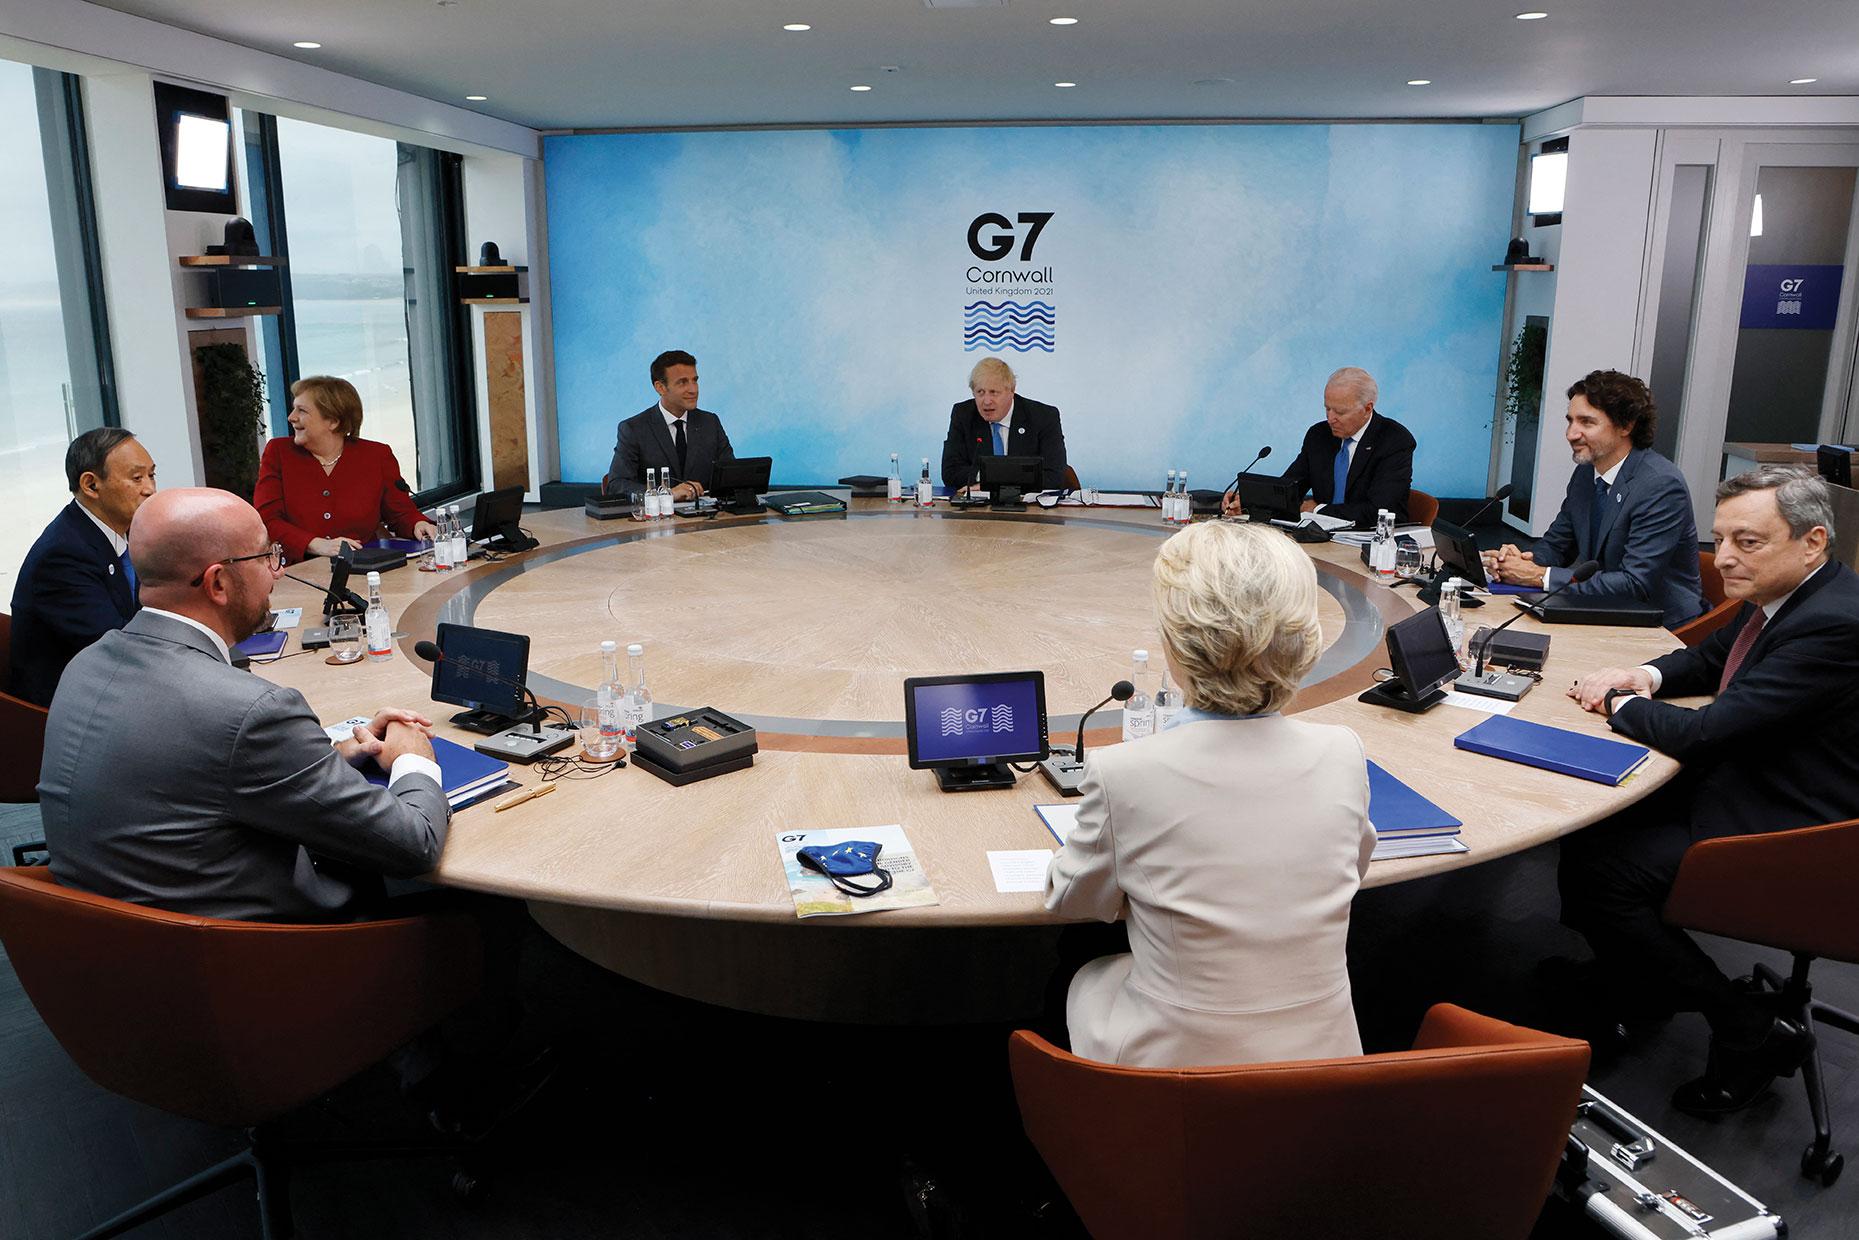 G7: les dirigeants se retrouvent en personne pour parler vaccins et climat, une première depuis la pandémie